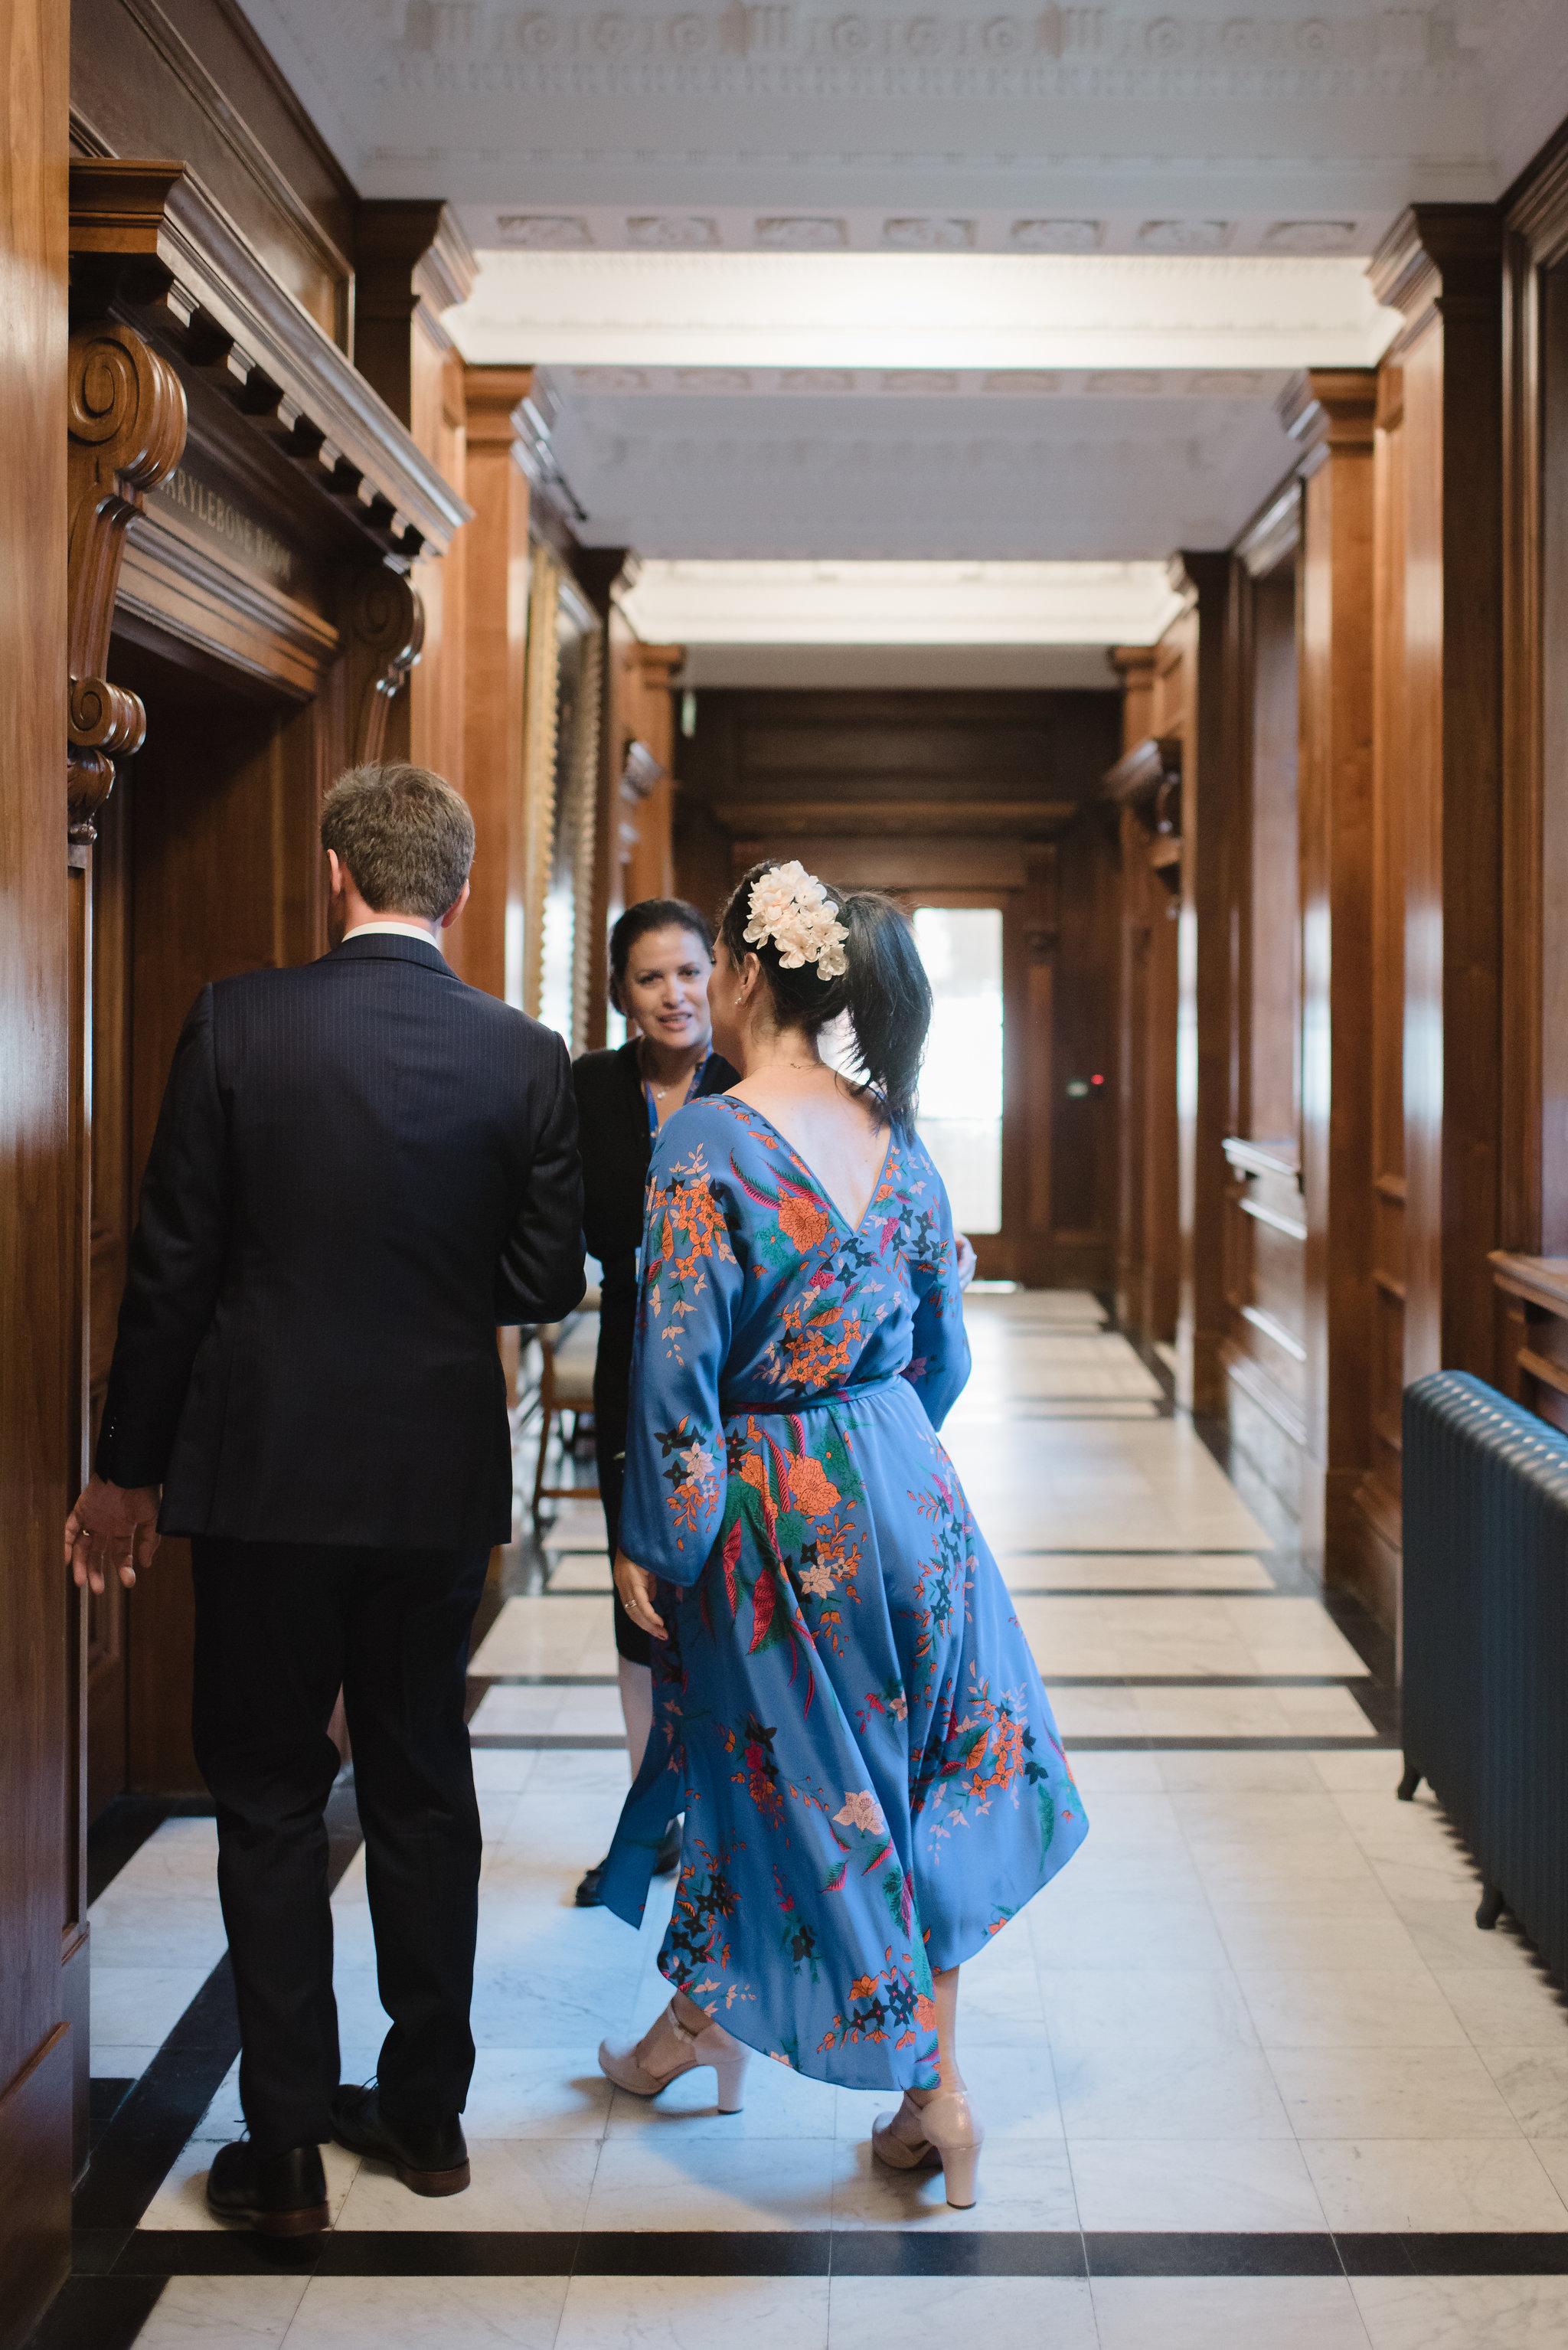 Old_Marylebone_Town_Hall_Groucho_Club_Wedding_62.jpg